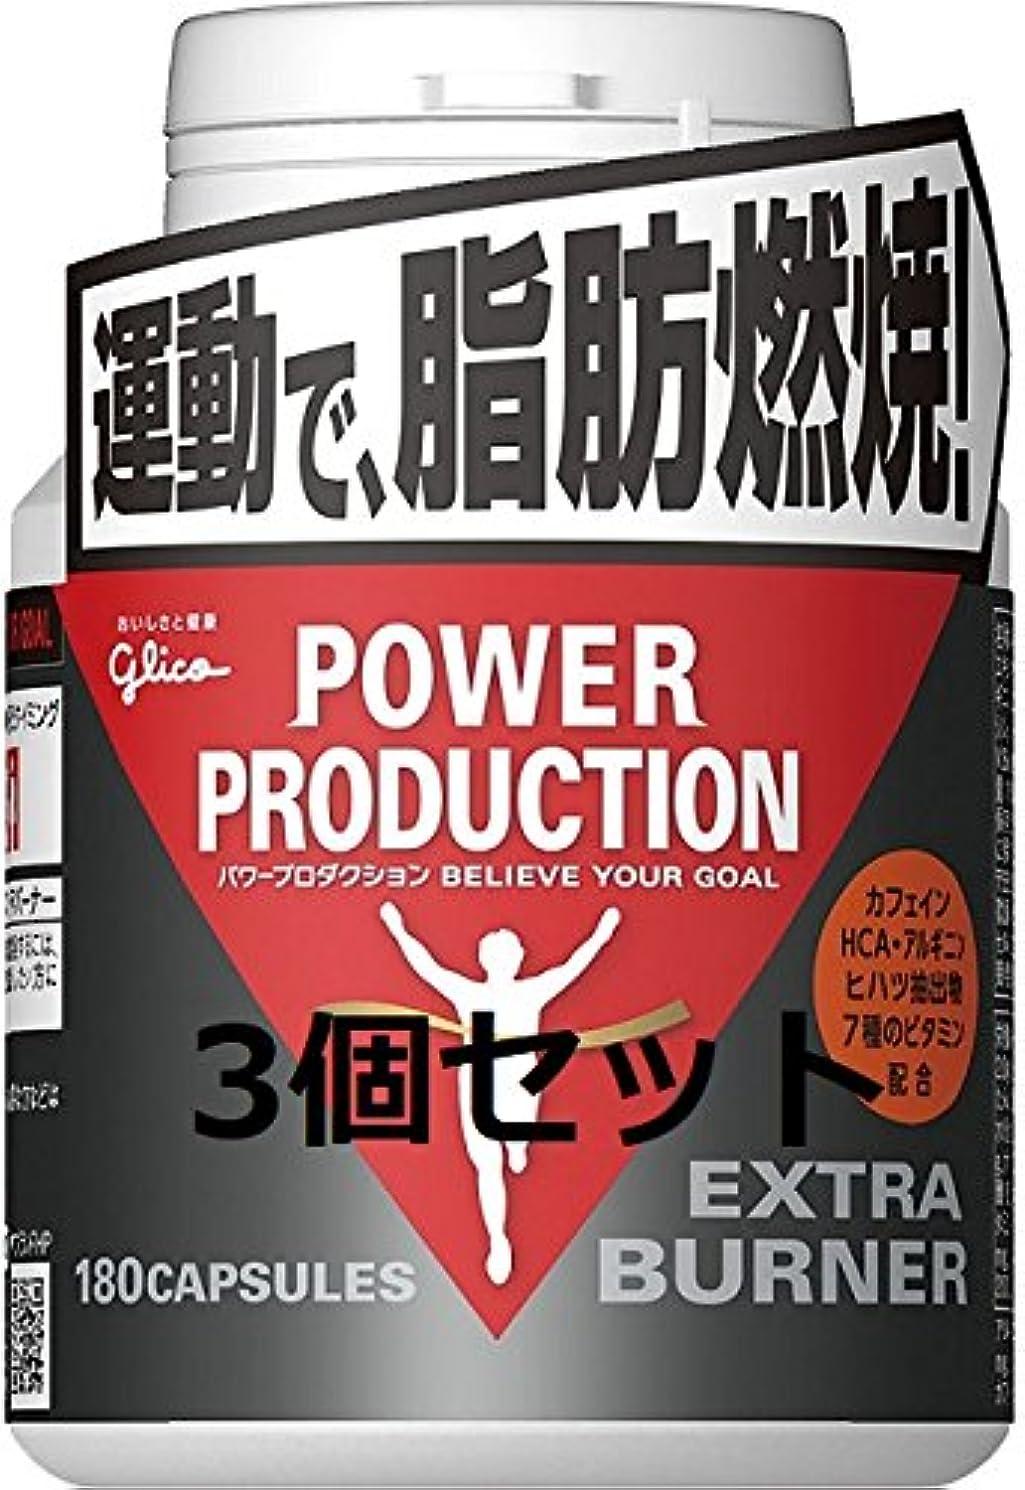 作者以下写真を描くグリコパワープロダクション エキストラバーナー 59.9g(お買い得3個セット)